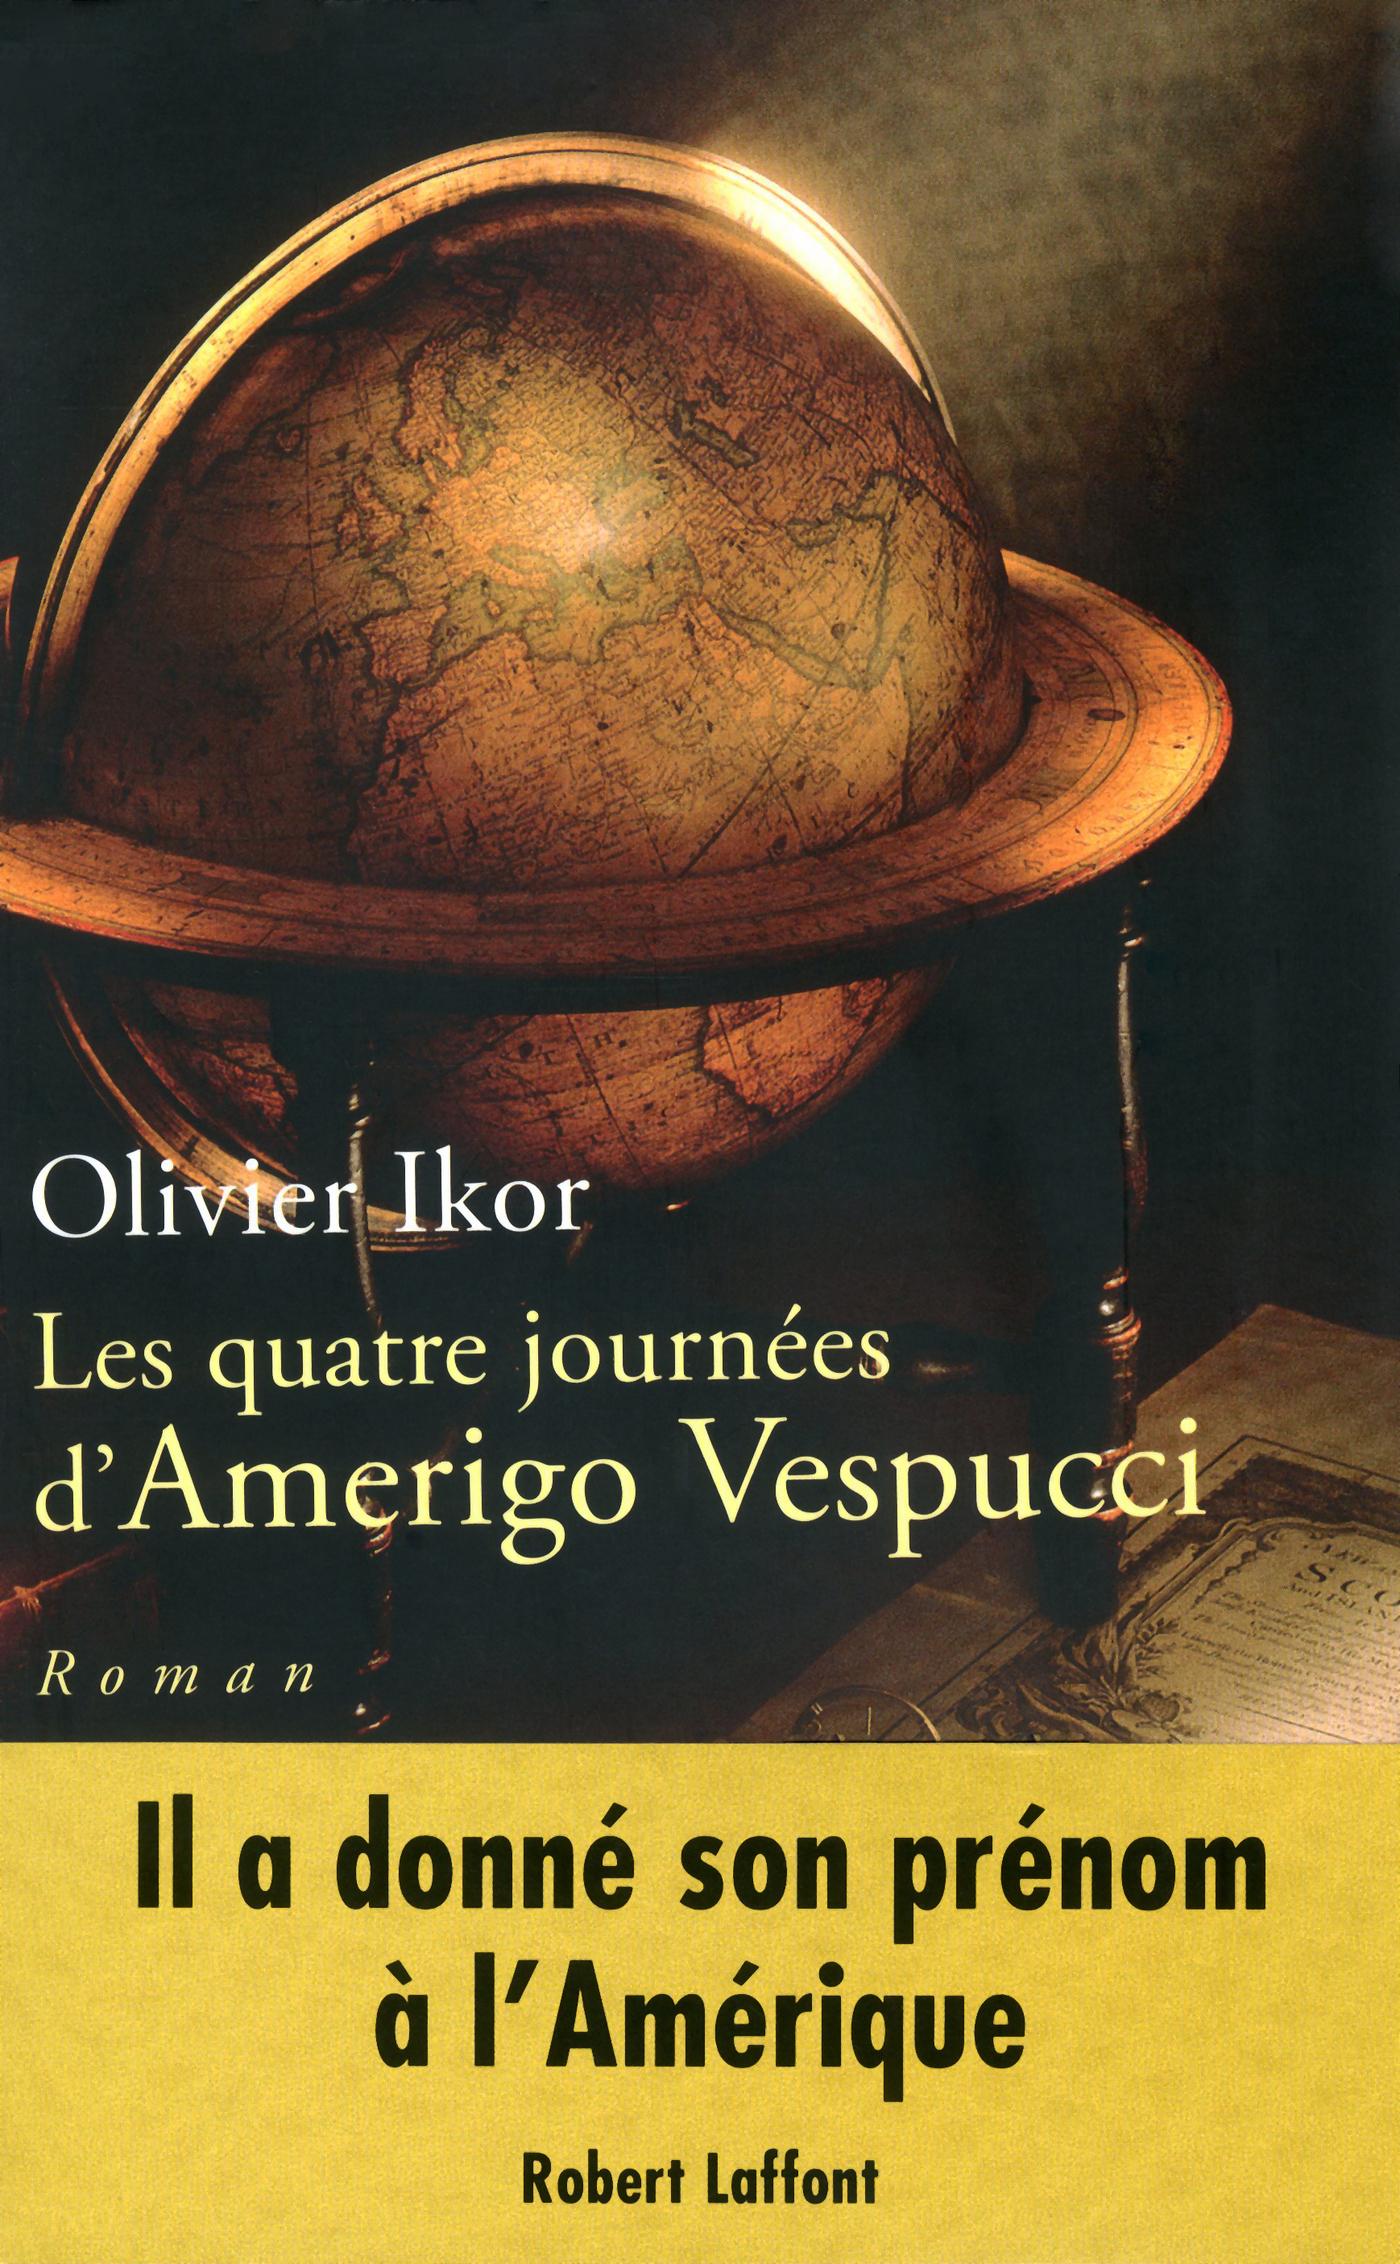 Les quatre journées d'Amerigo Vespucci